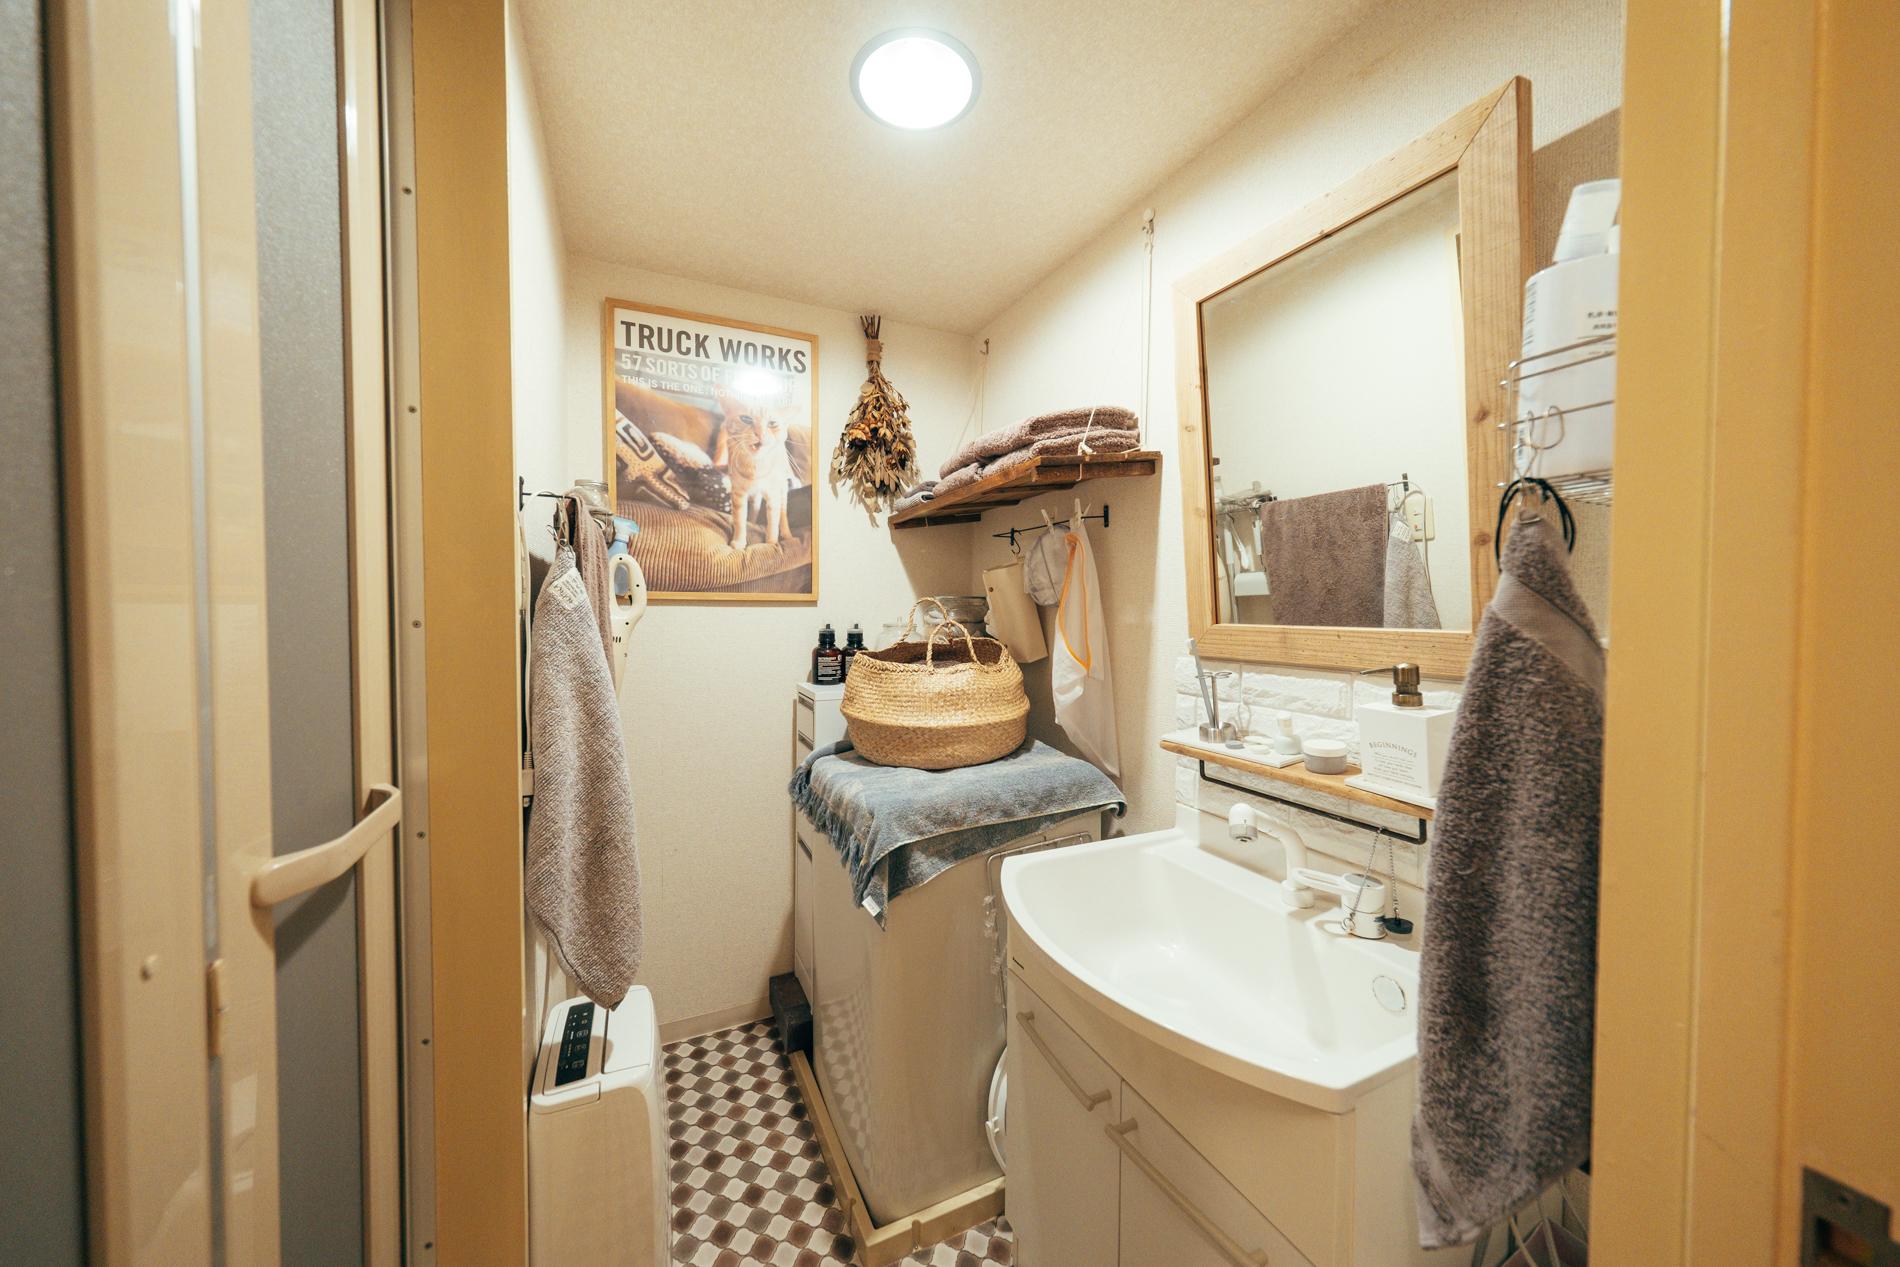 洗面台は元々あったものを取り外して、組み直し。通常の賃貸では絶対見られない様なお洒落な出来栄えに驚かされました。